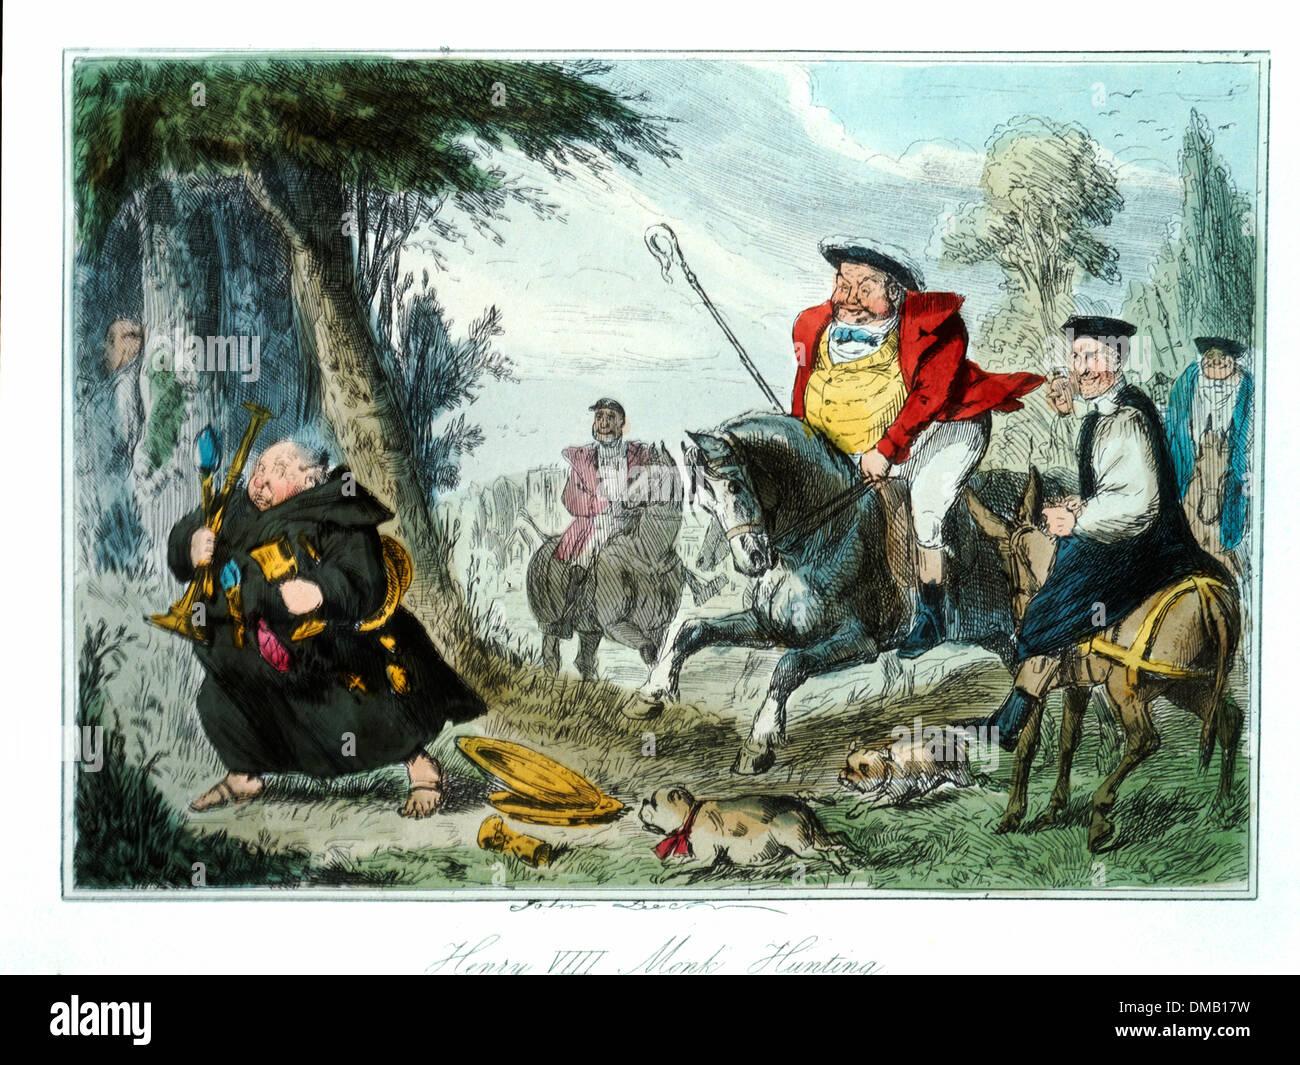 Henry VIII Mönch Jagd, Comic-Geschichte von England, farbige Radierung von John Leech, 1850 Stockbild